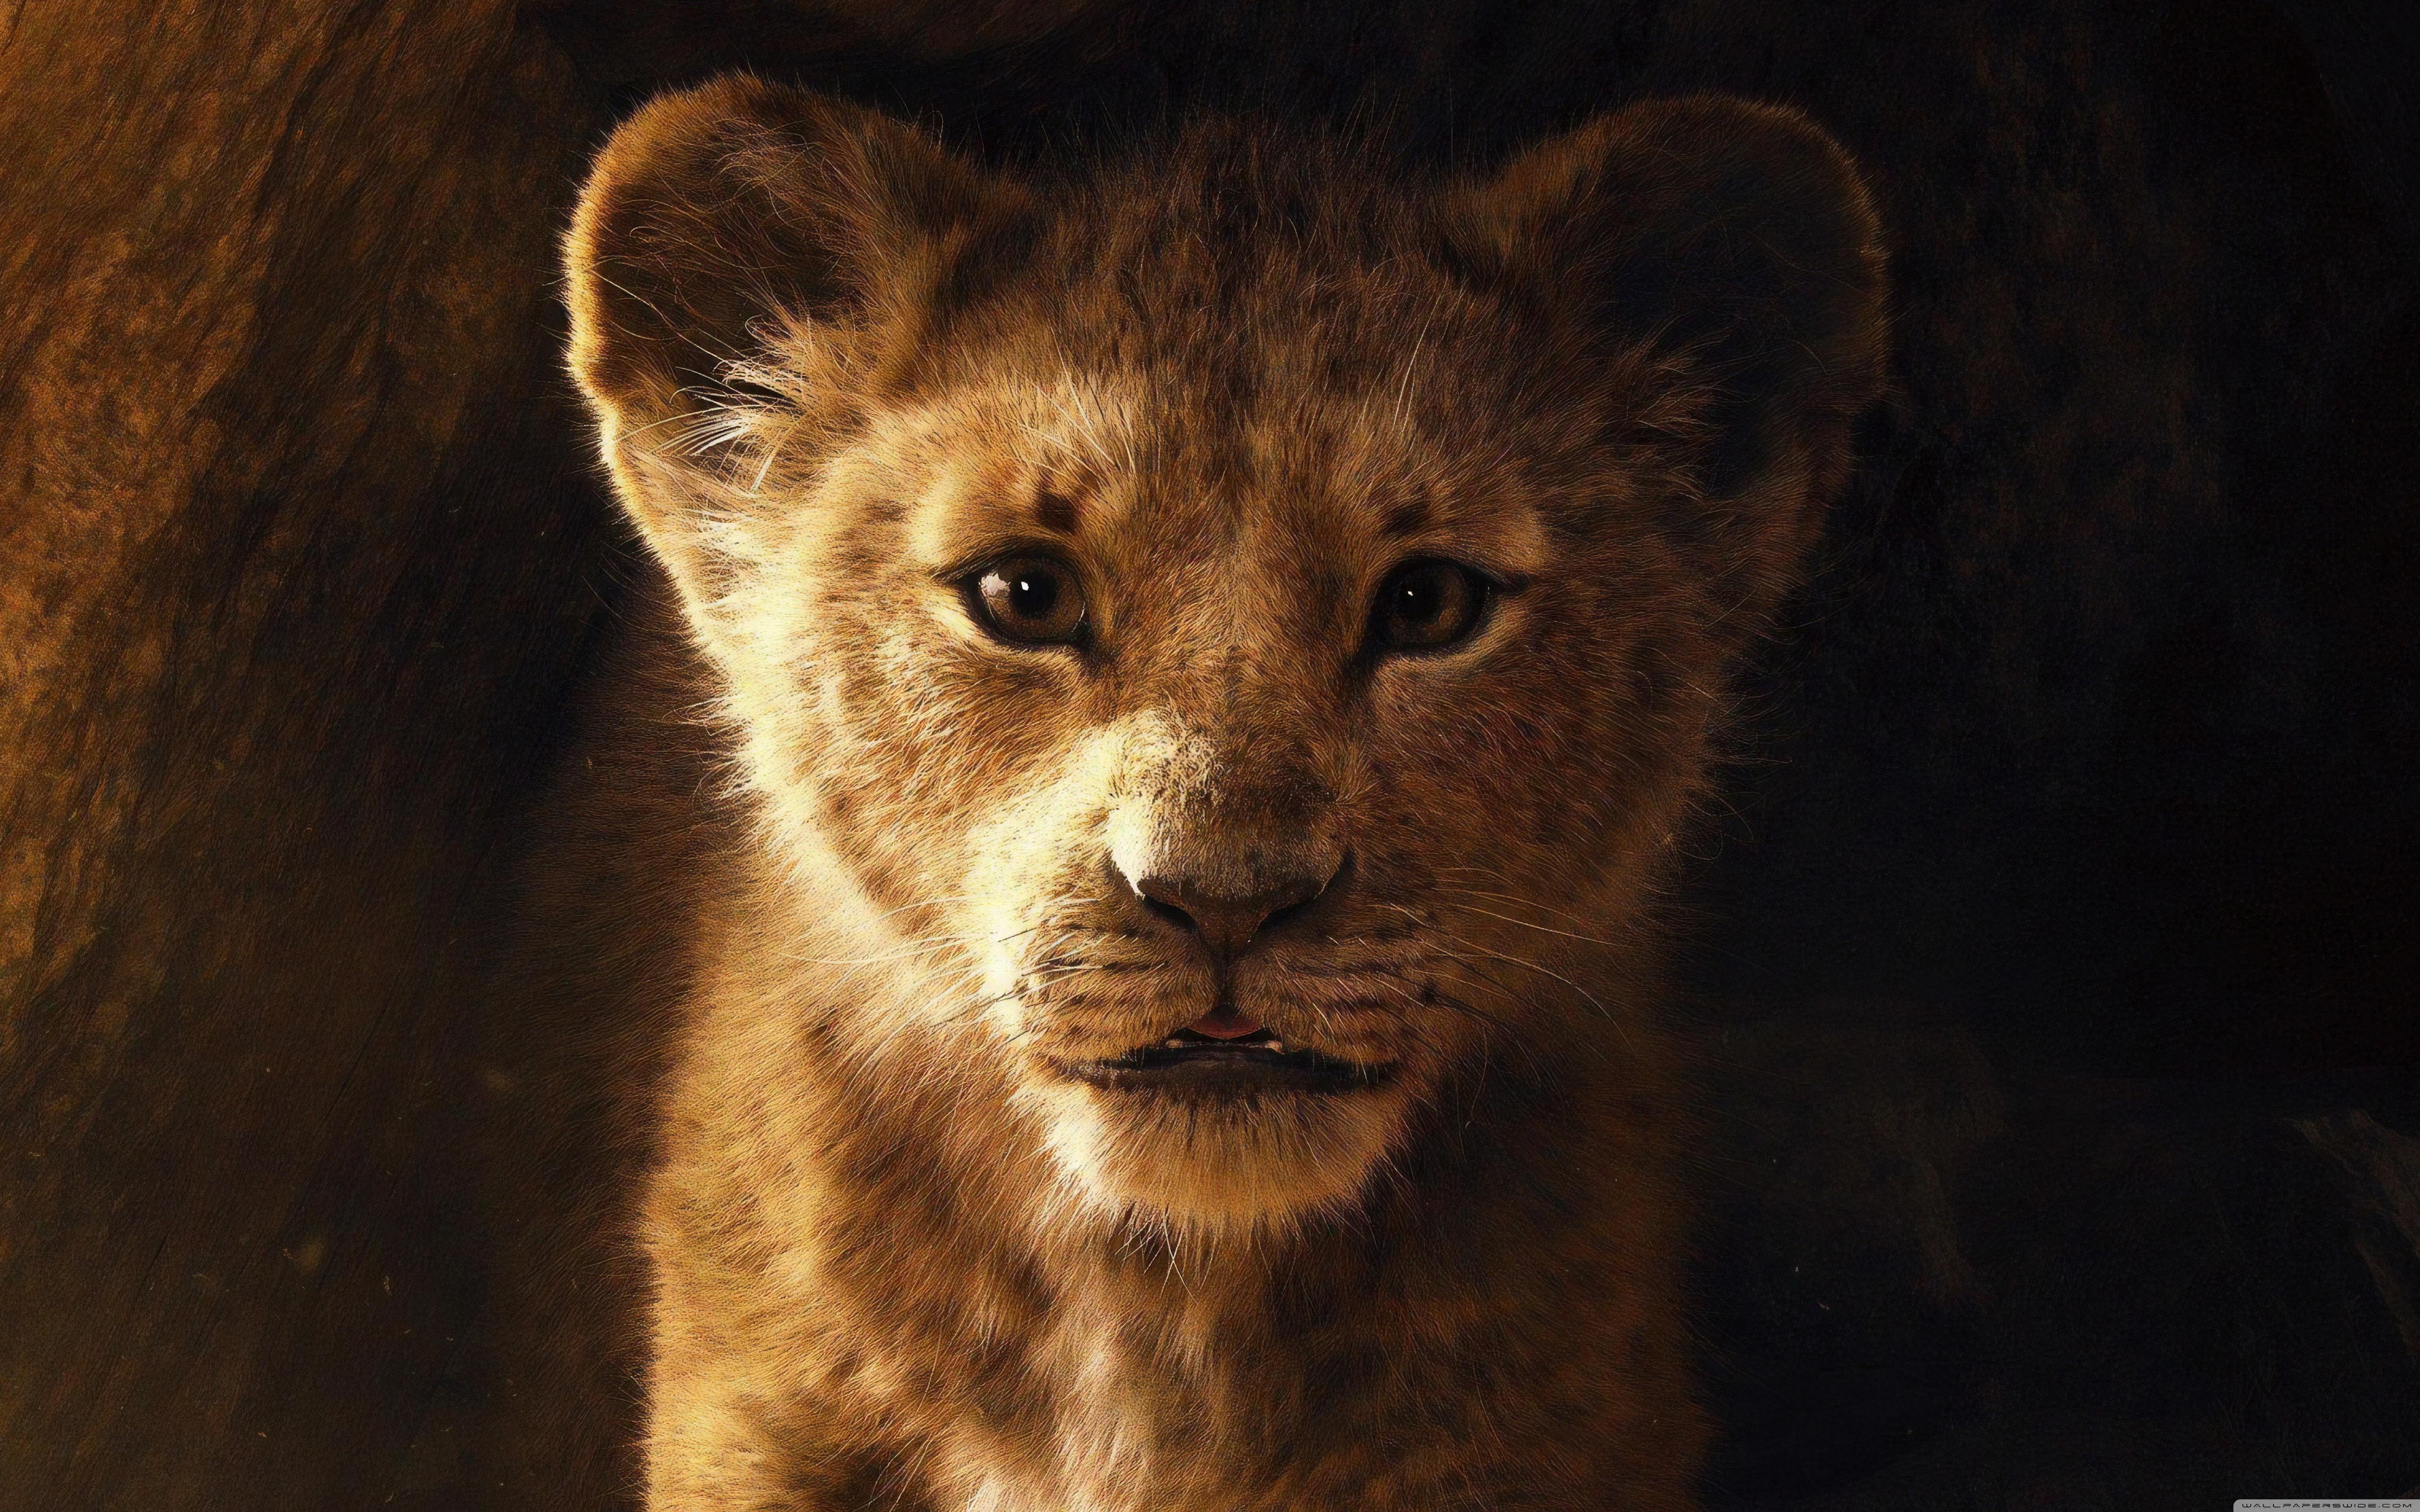 The Lion King 2019 5K 4K HD Desktop Wallpaper for 4K Ultra HD 5120x3200